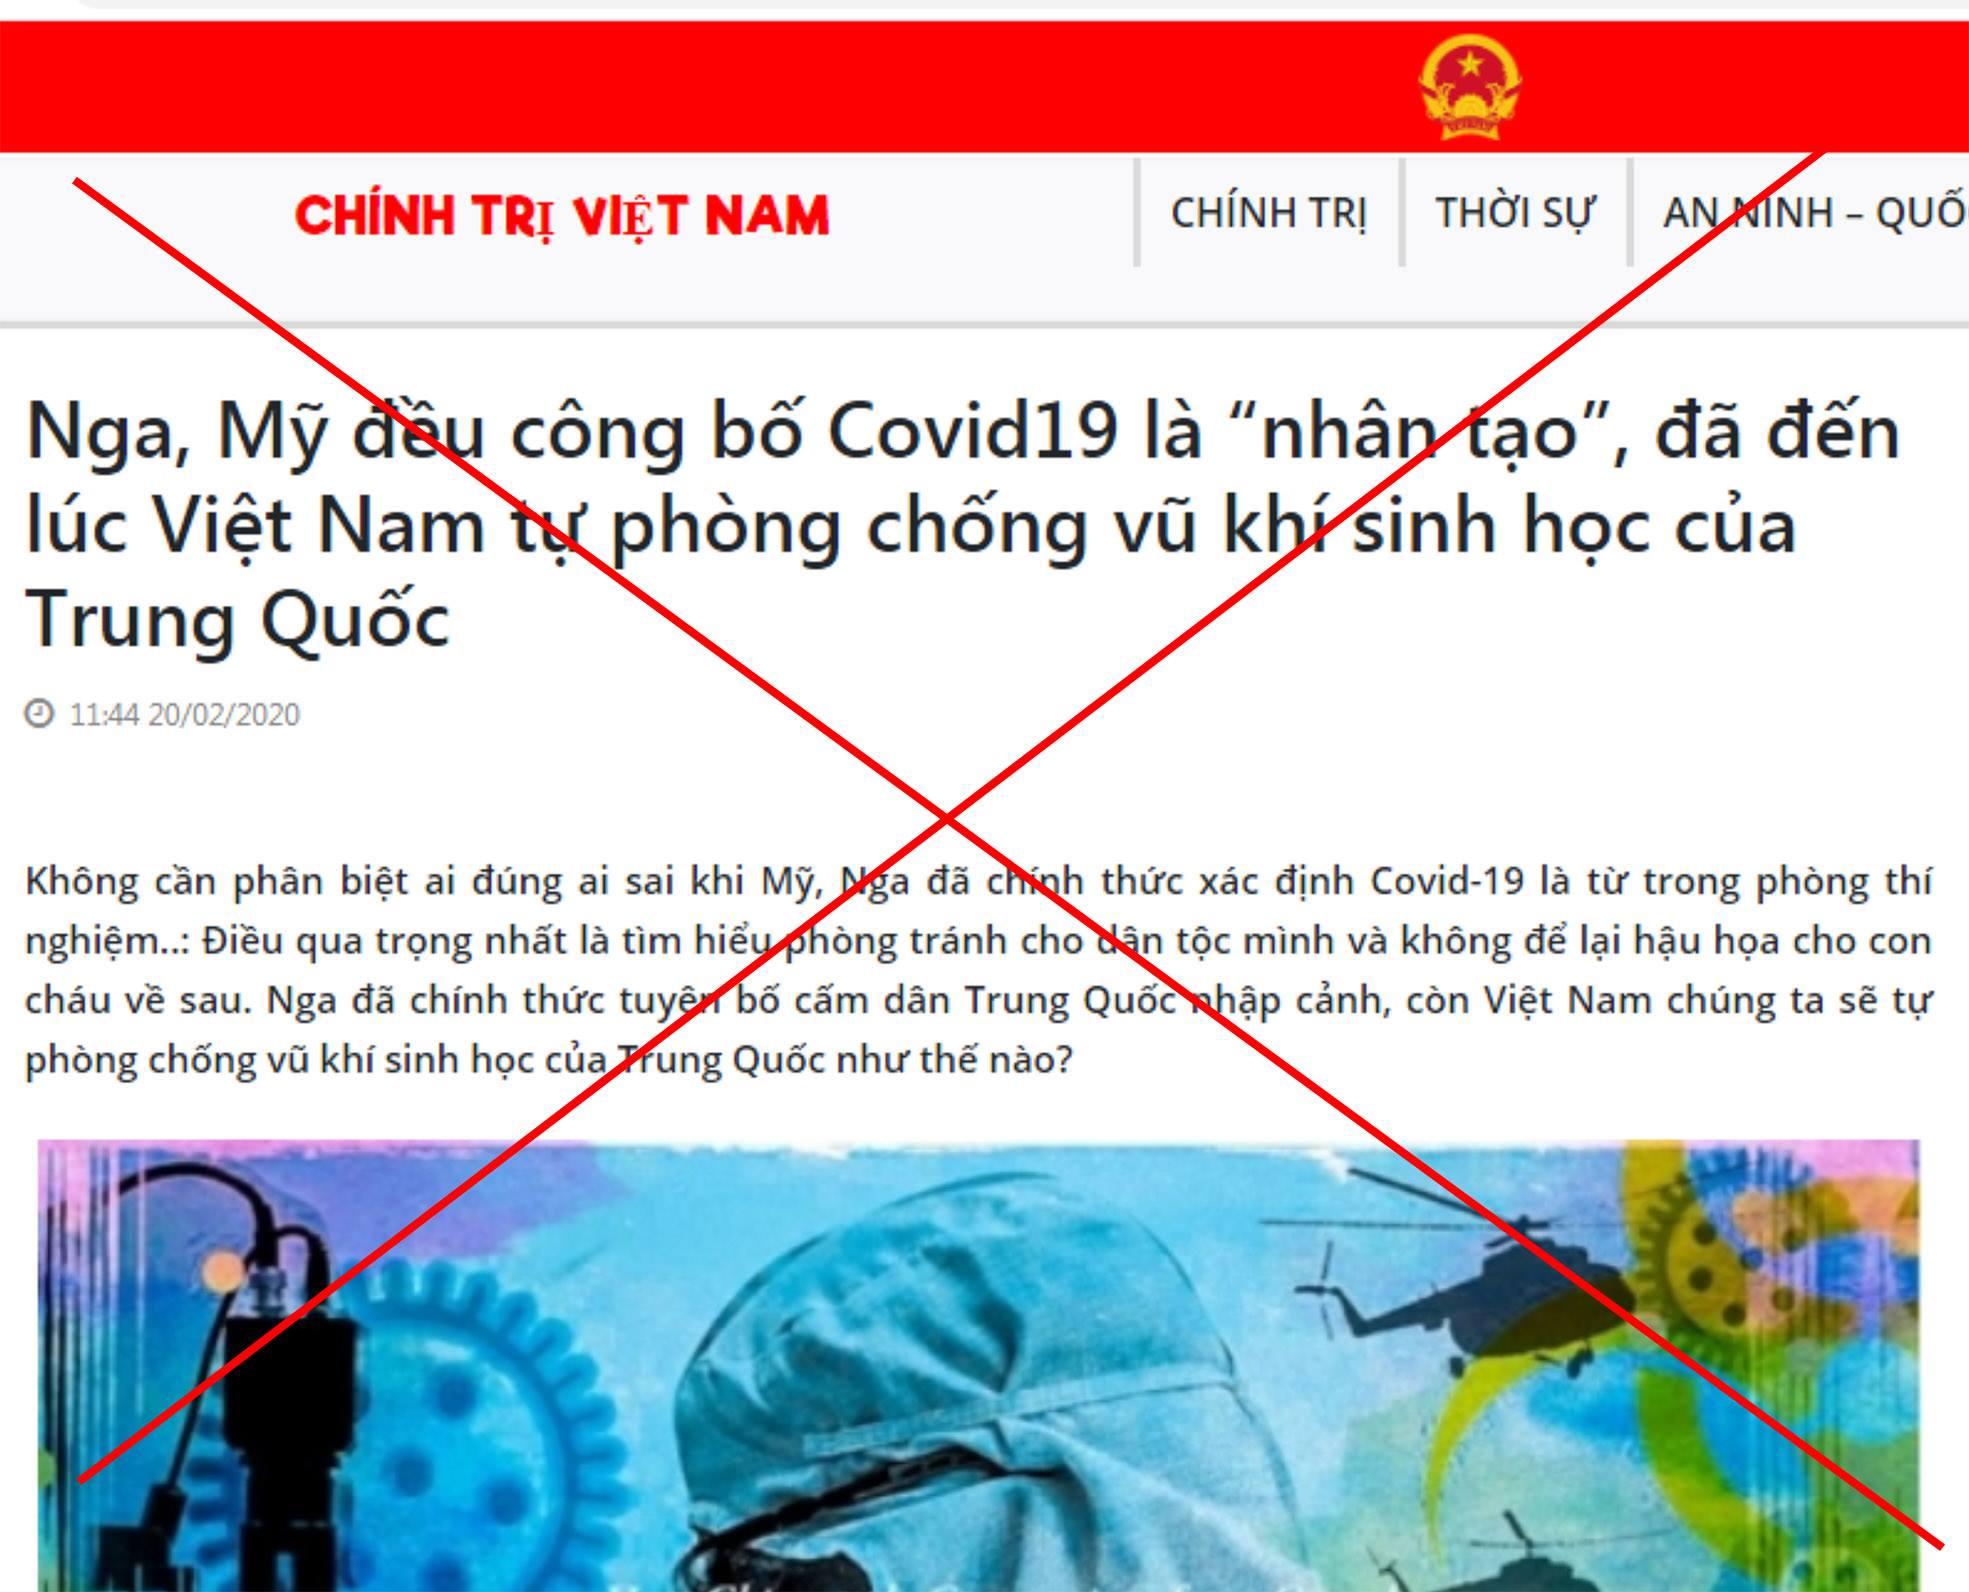 """Trang blog giả báo lấy tên là """"Chính trị Việt Nam"""" với tên miền là chinhtrivietnam.org có gắn quốc huy nhưng chuyên đăng tin giả."""